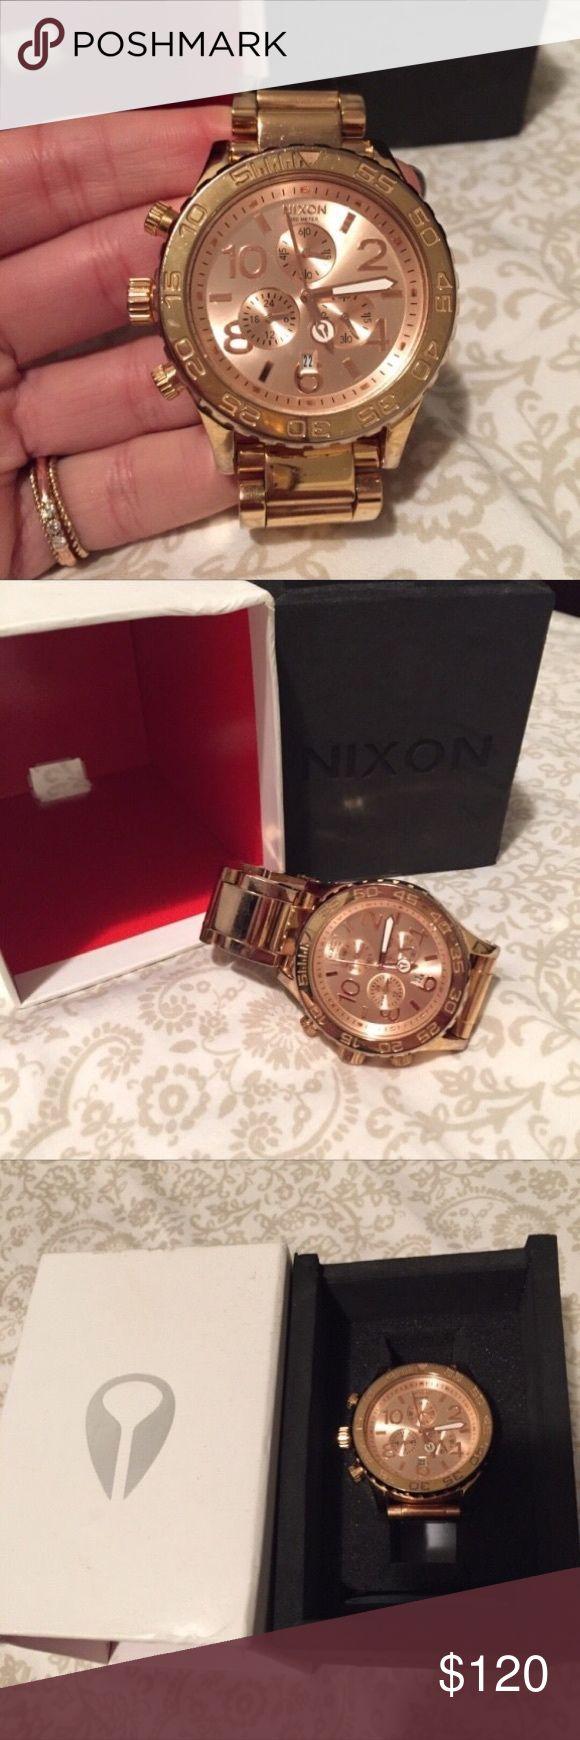 Men's Nixon 4220 Watch